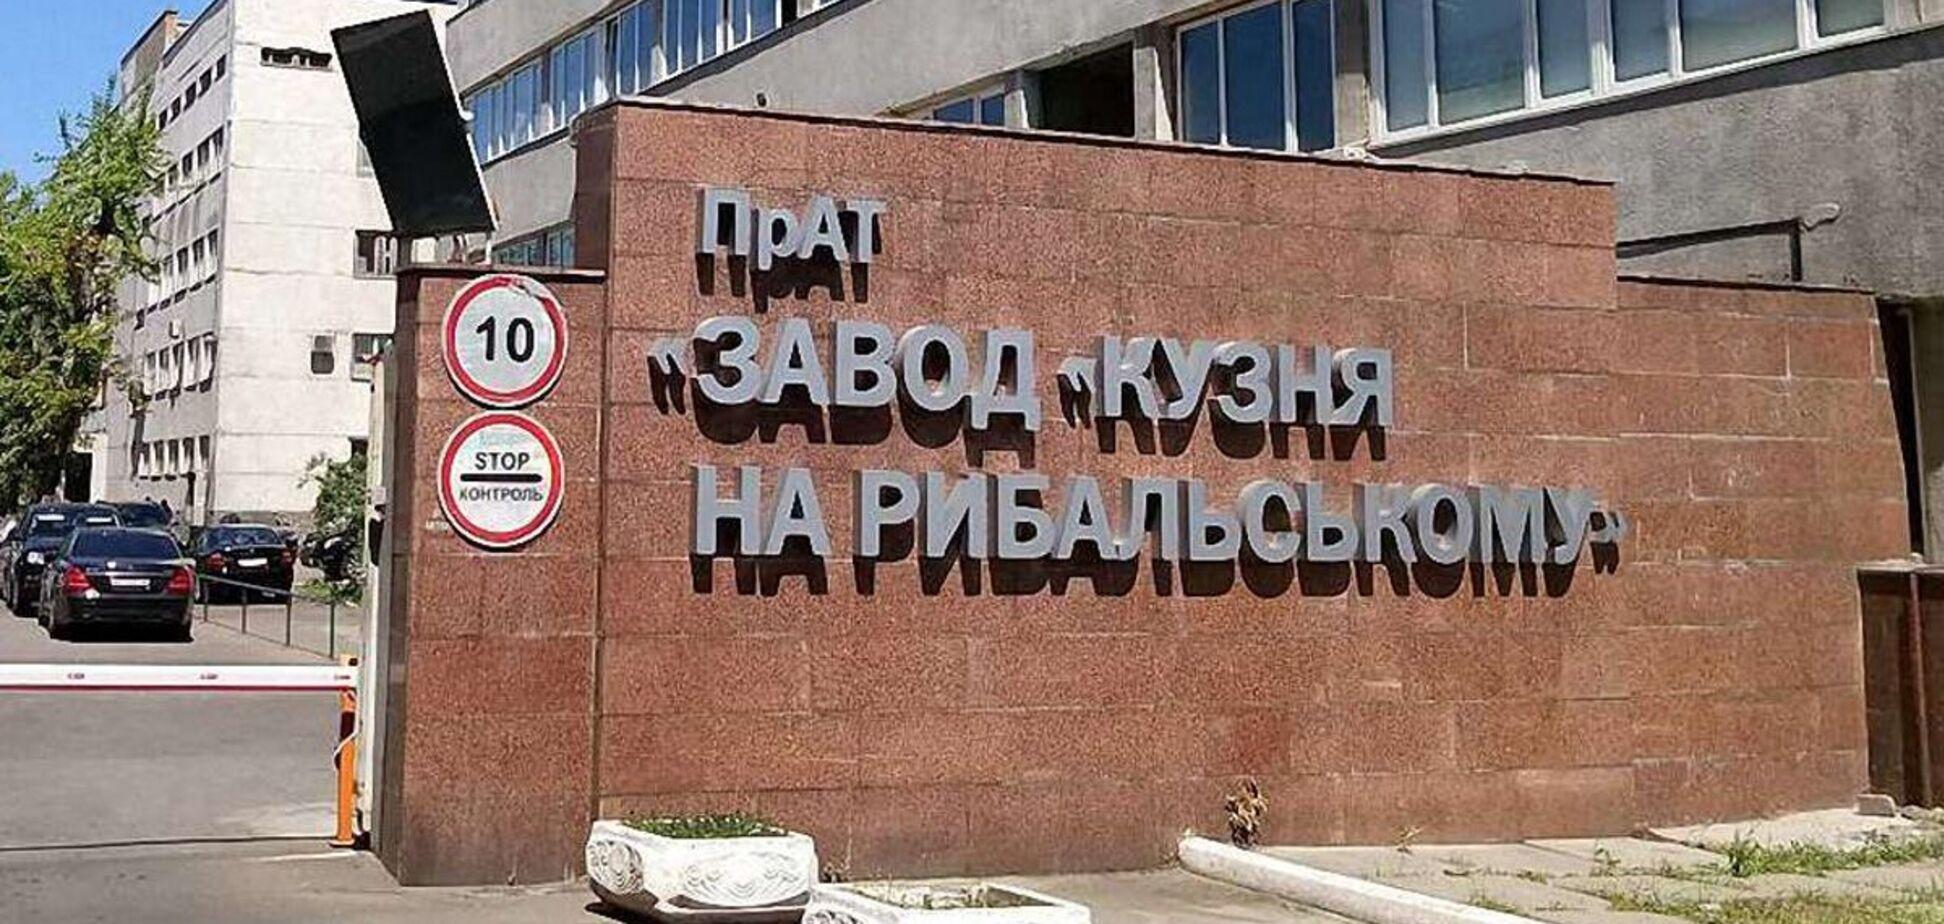 Завод 'Кузница на Рыбальском' после обысков ГБР заявил о системном давлении власти